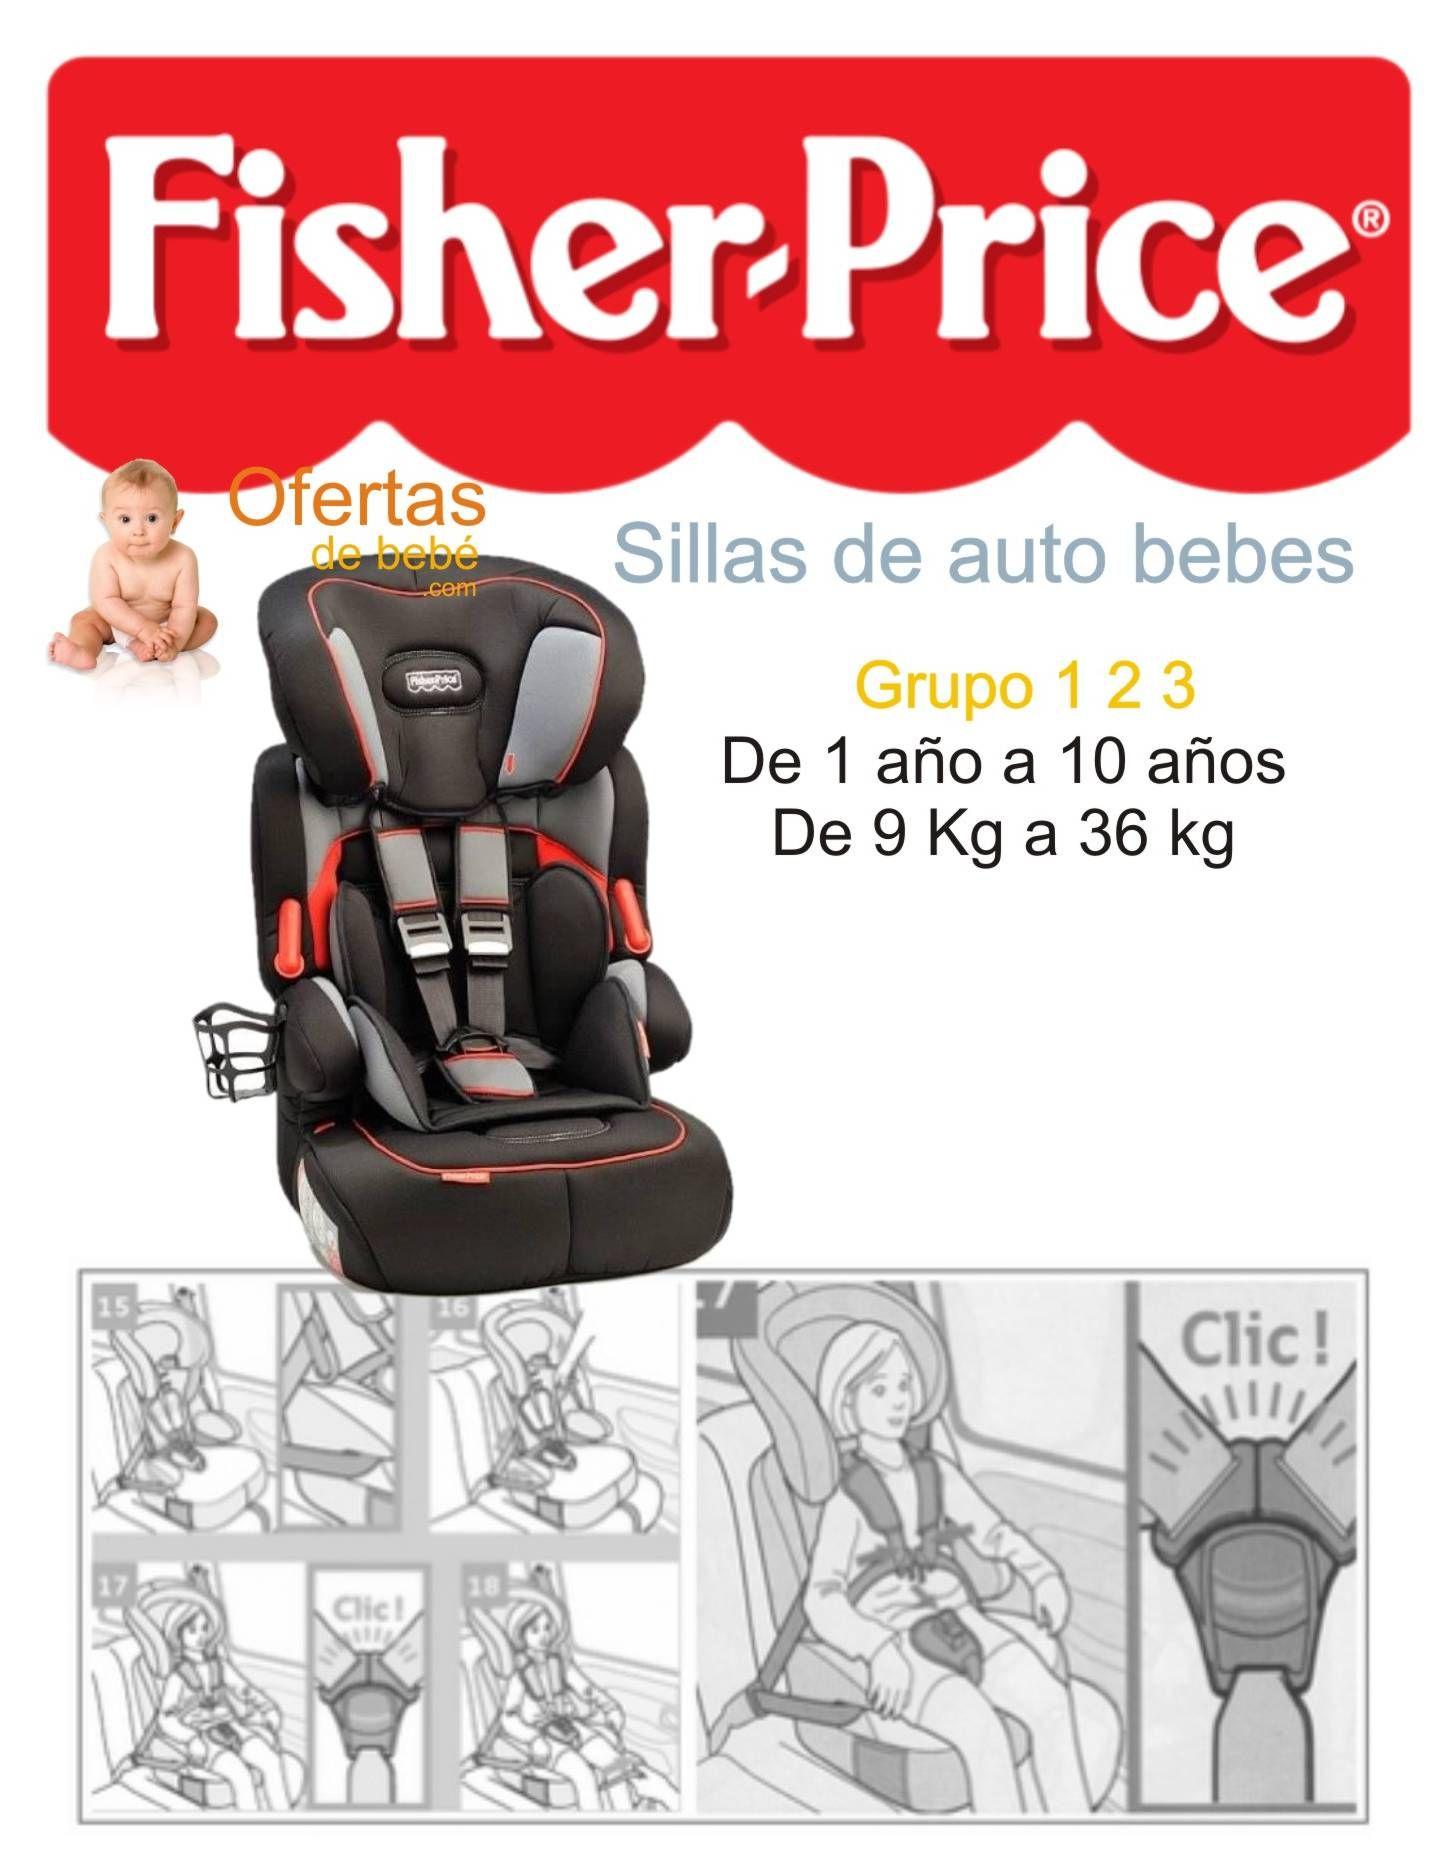 MOONLIGHT las mejores ofertas en sillas de auto bebes grupo 1 2 3